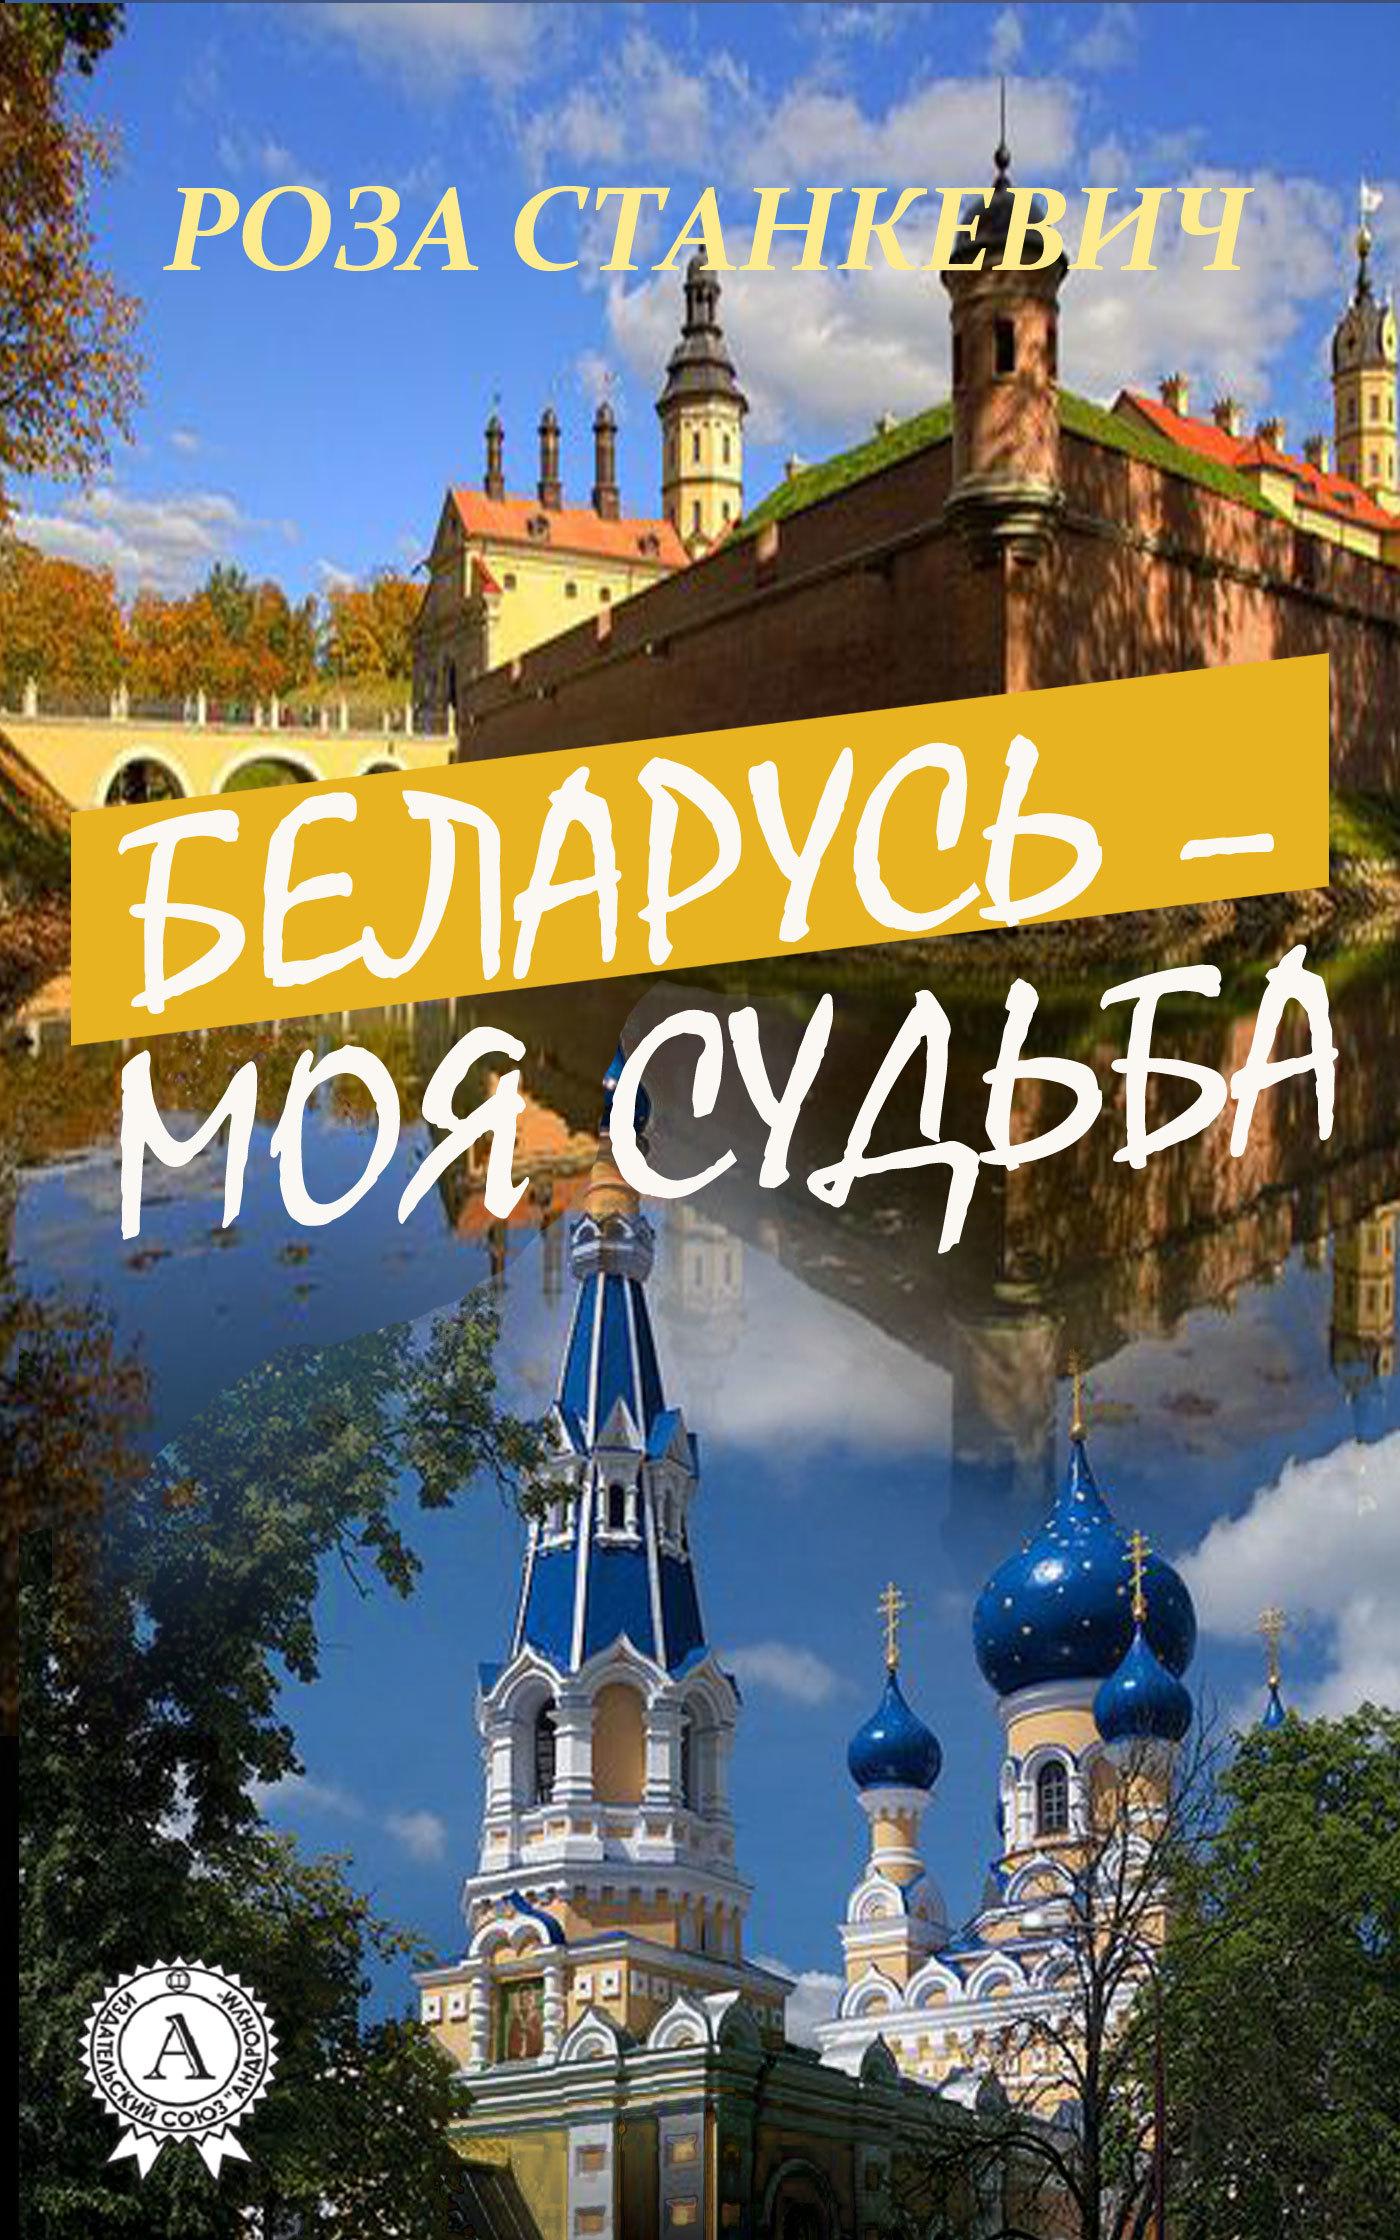 Роза Станкевич - Беларусь – моя судьба